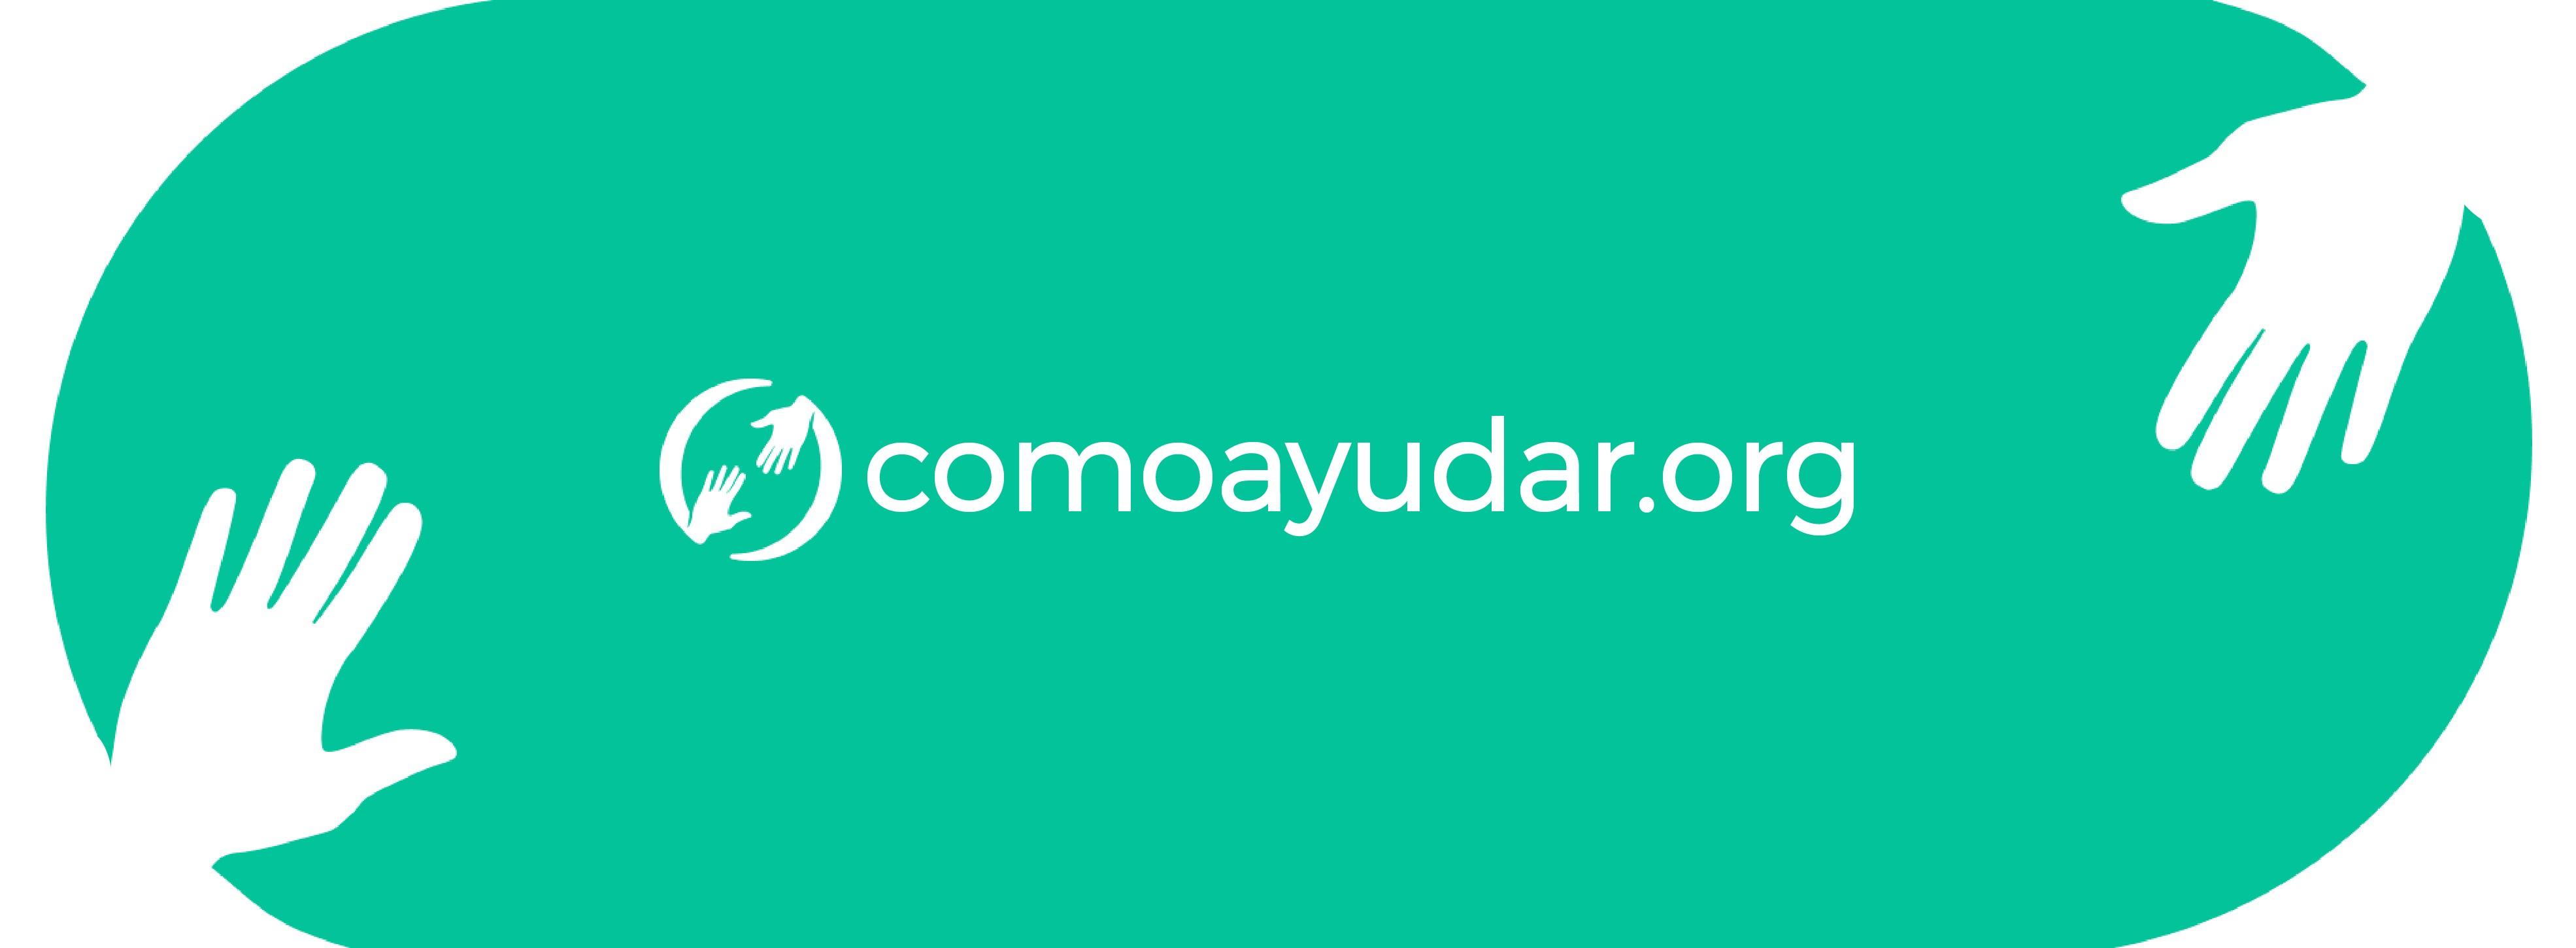 comoayudar.org consultants against covid